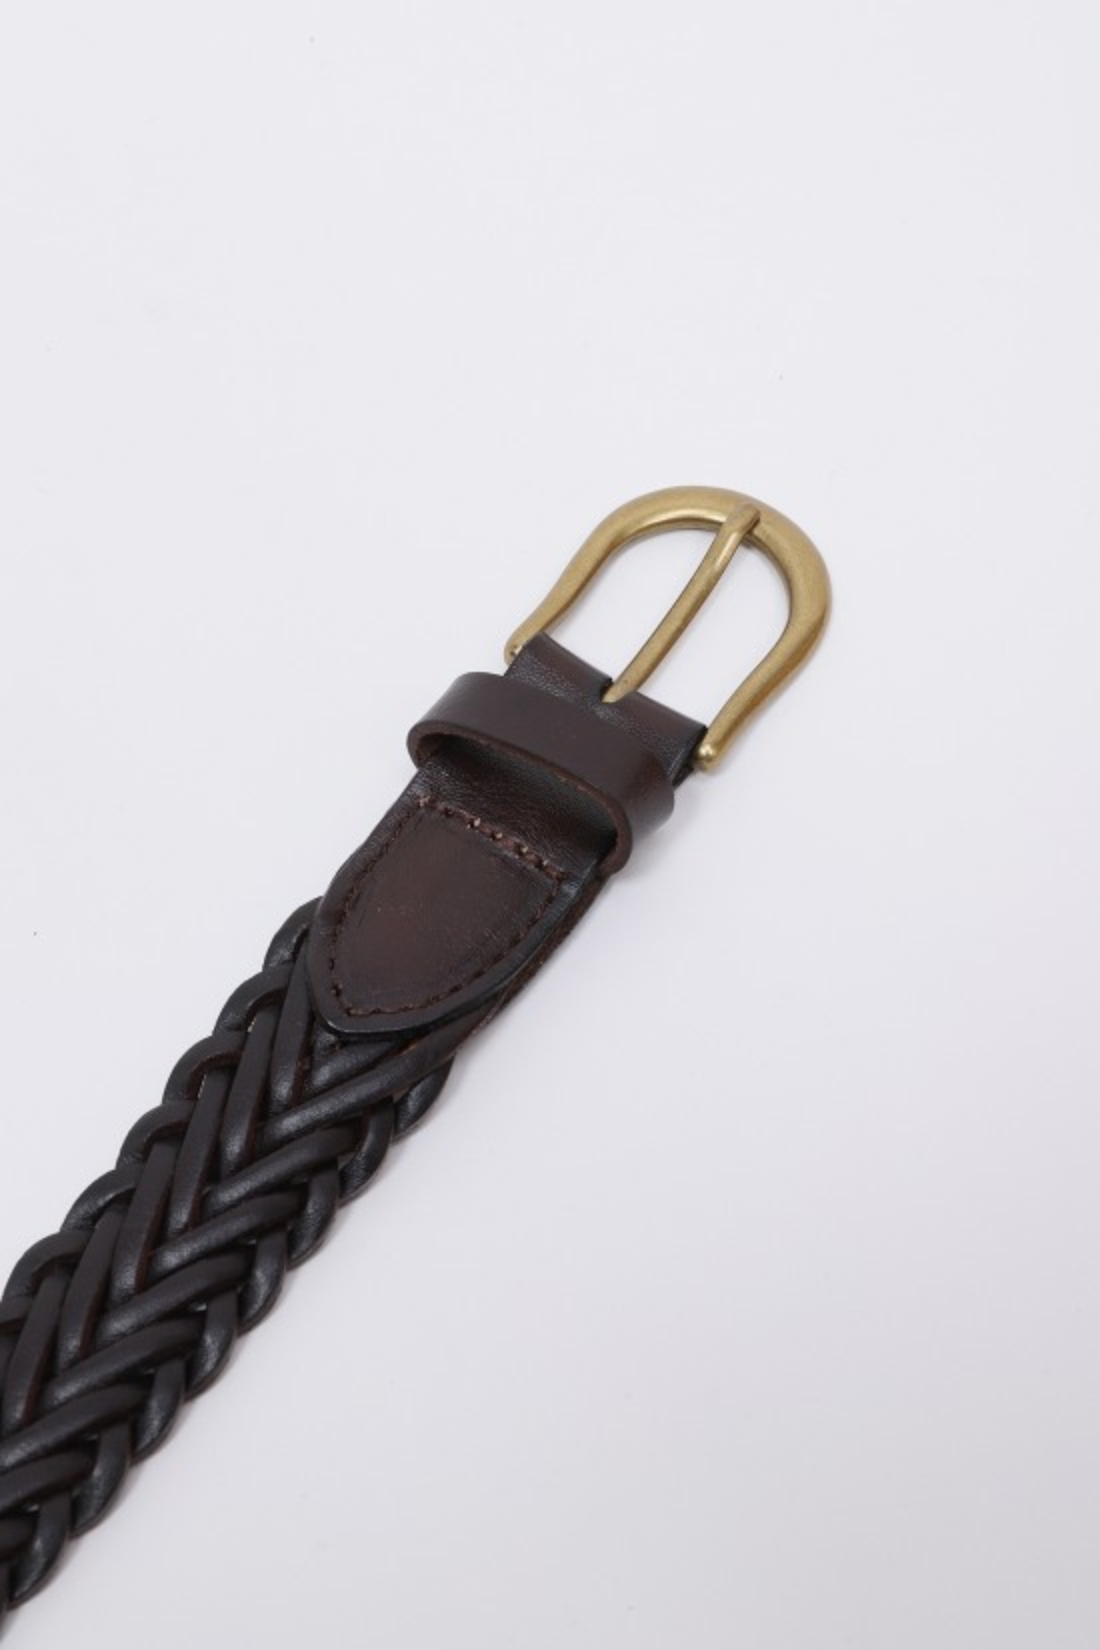 BEAMS PLUS / Leather mesh belt Brown